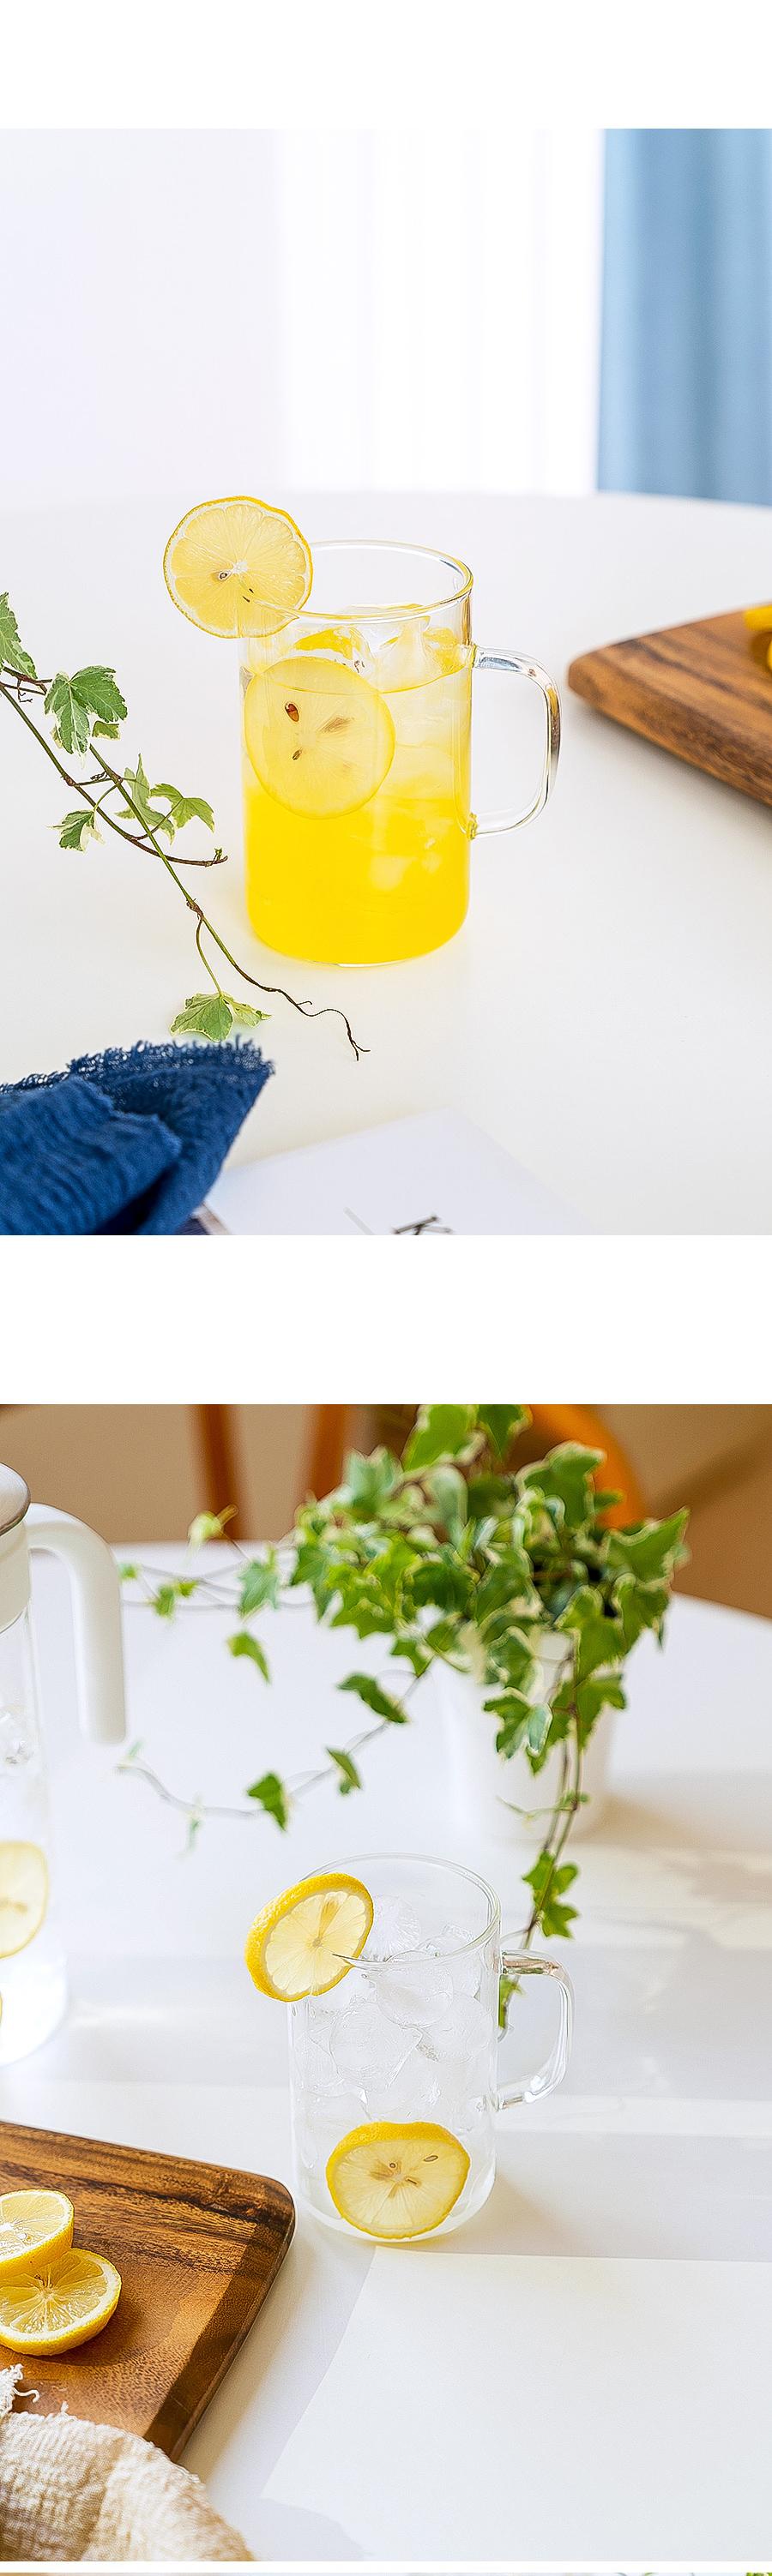 가볍고 예쁜 베이직 내열유리 손잡이 머그컵 500ml - 넥스코, 7,900원, 유리컵/술잔, 유리컵